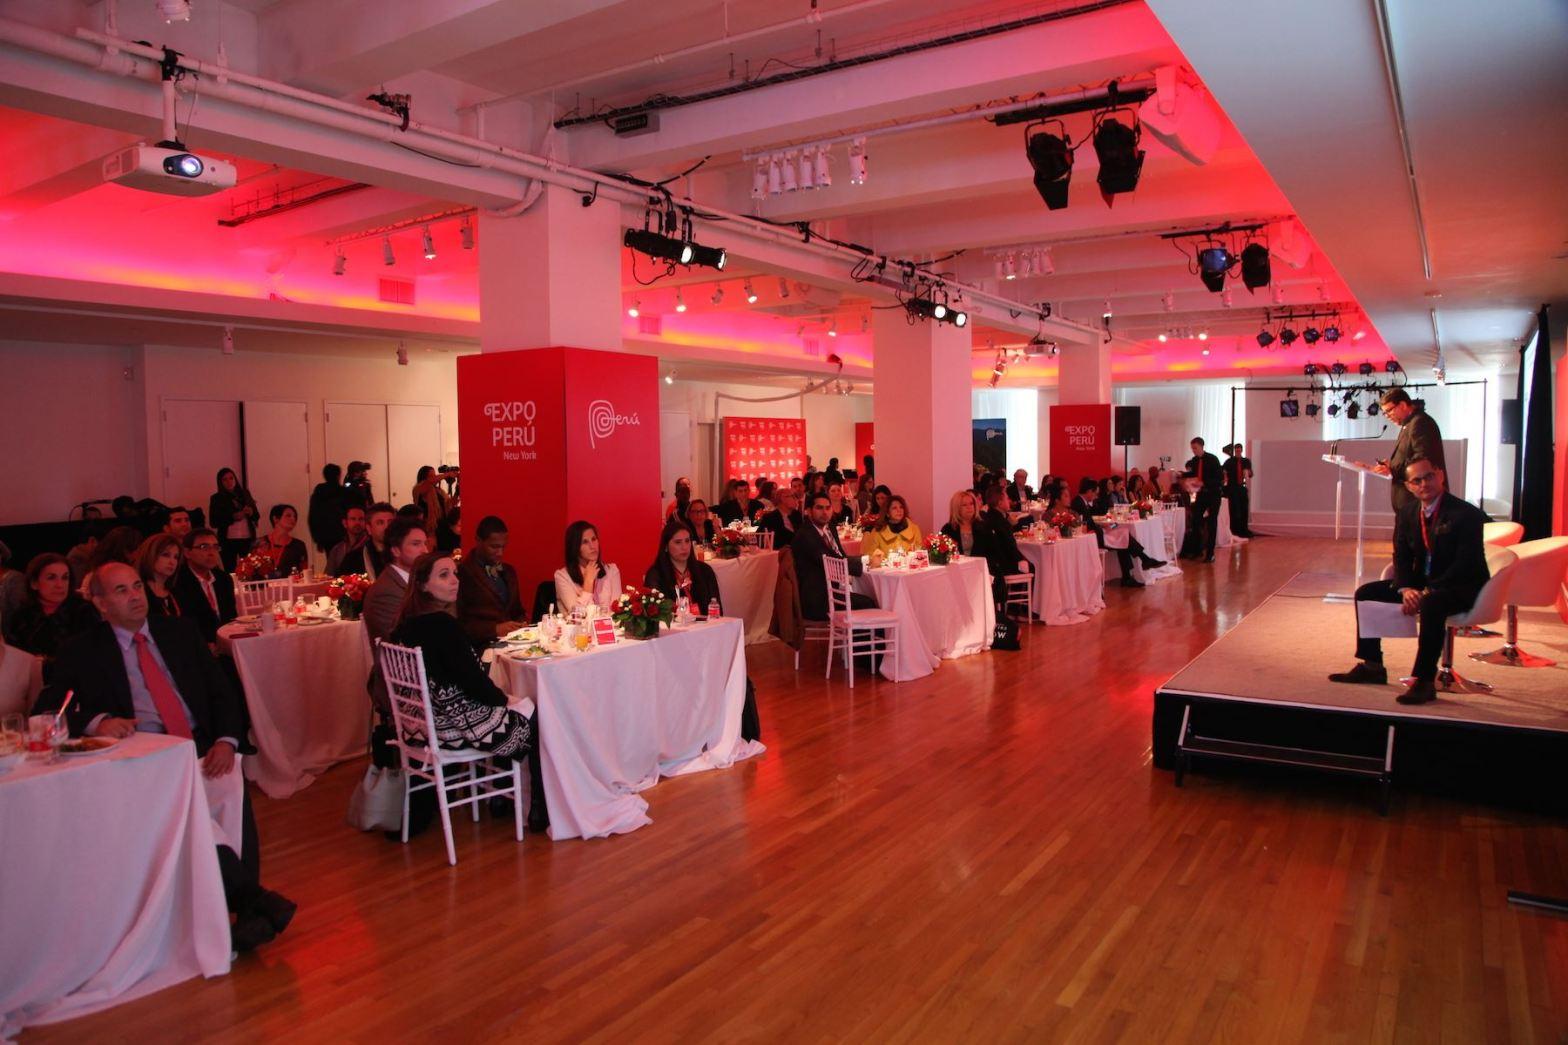 Empresarios nacionales proyectaron ventas por US$ 2 millones en rueda de Miami